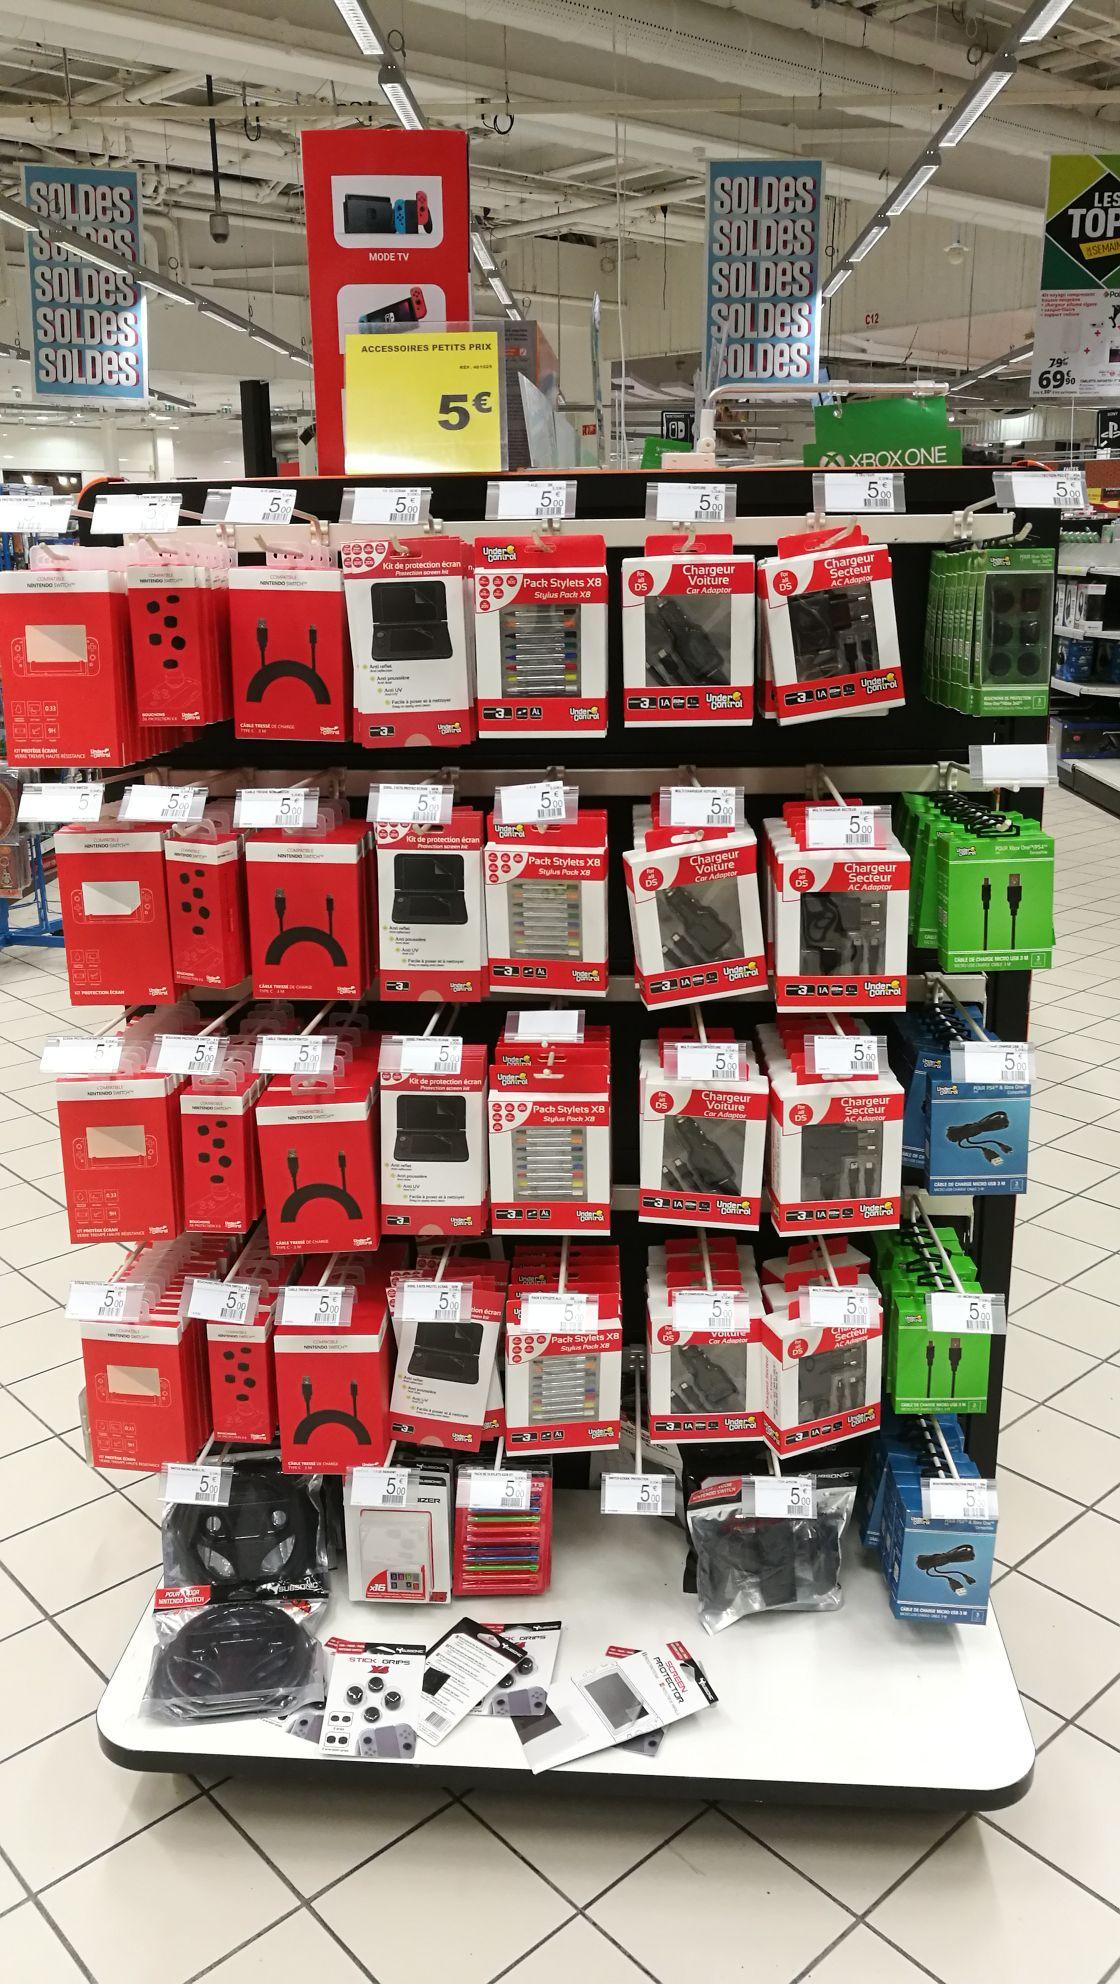 Sélection d'Accessoires Under Control pour Nintendo Switch à 5€ - Auchan Toulouse (31)